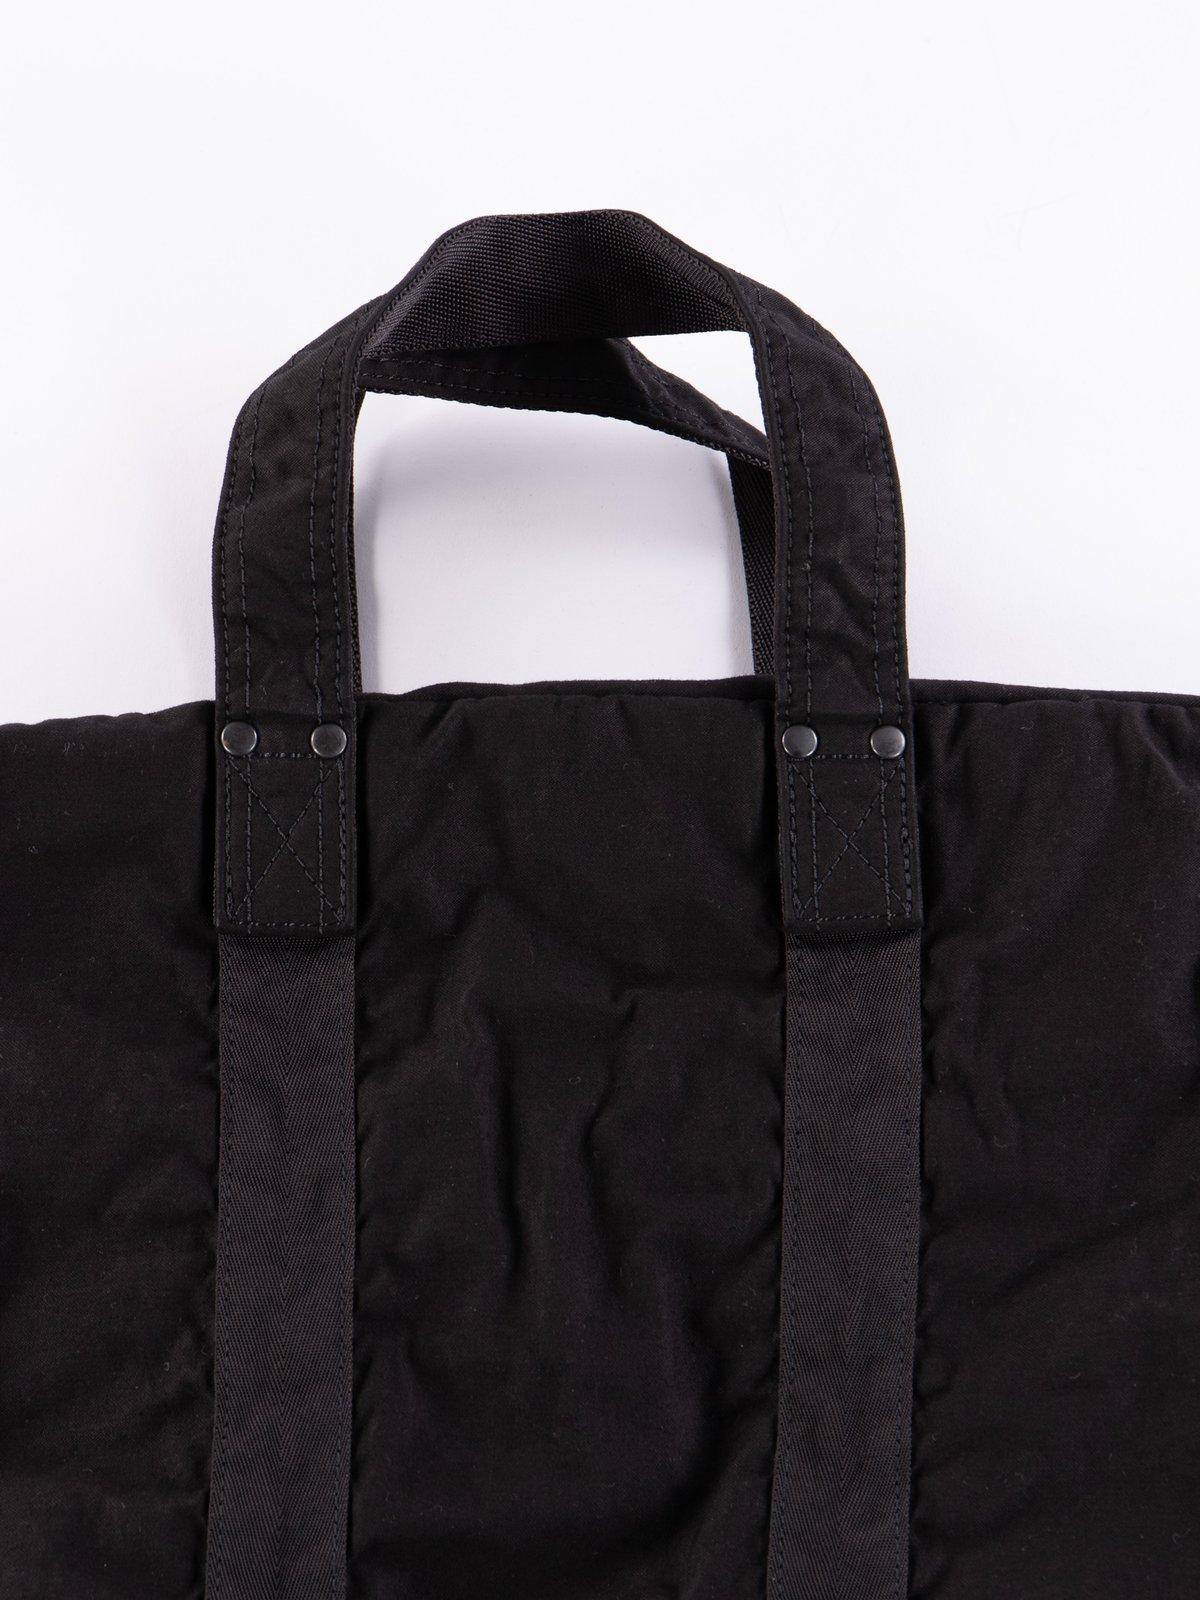 Black Crag 2Way Boston Bag Large - Image 4